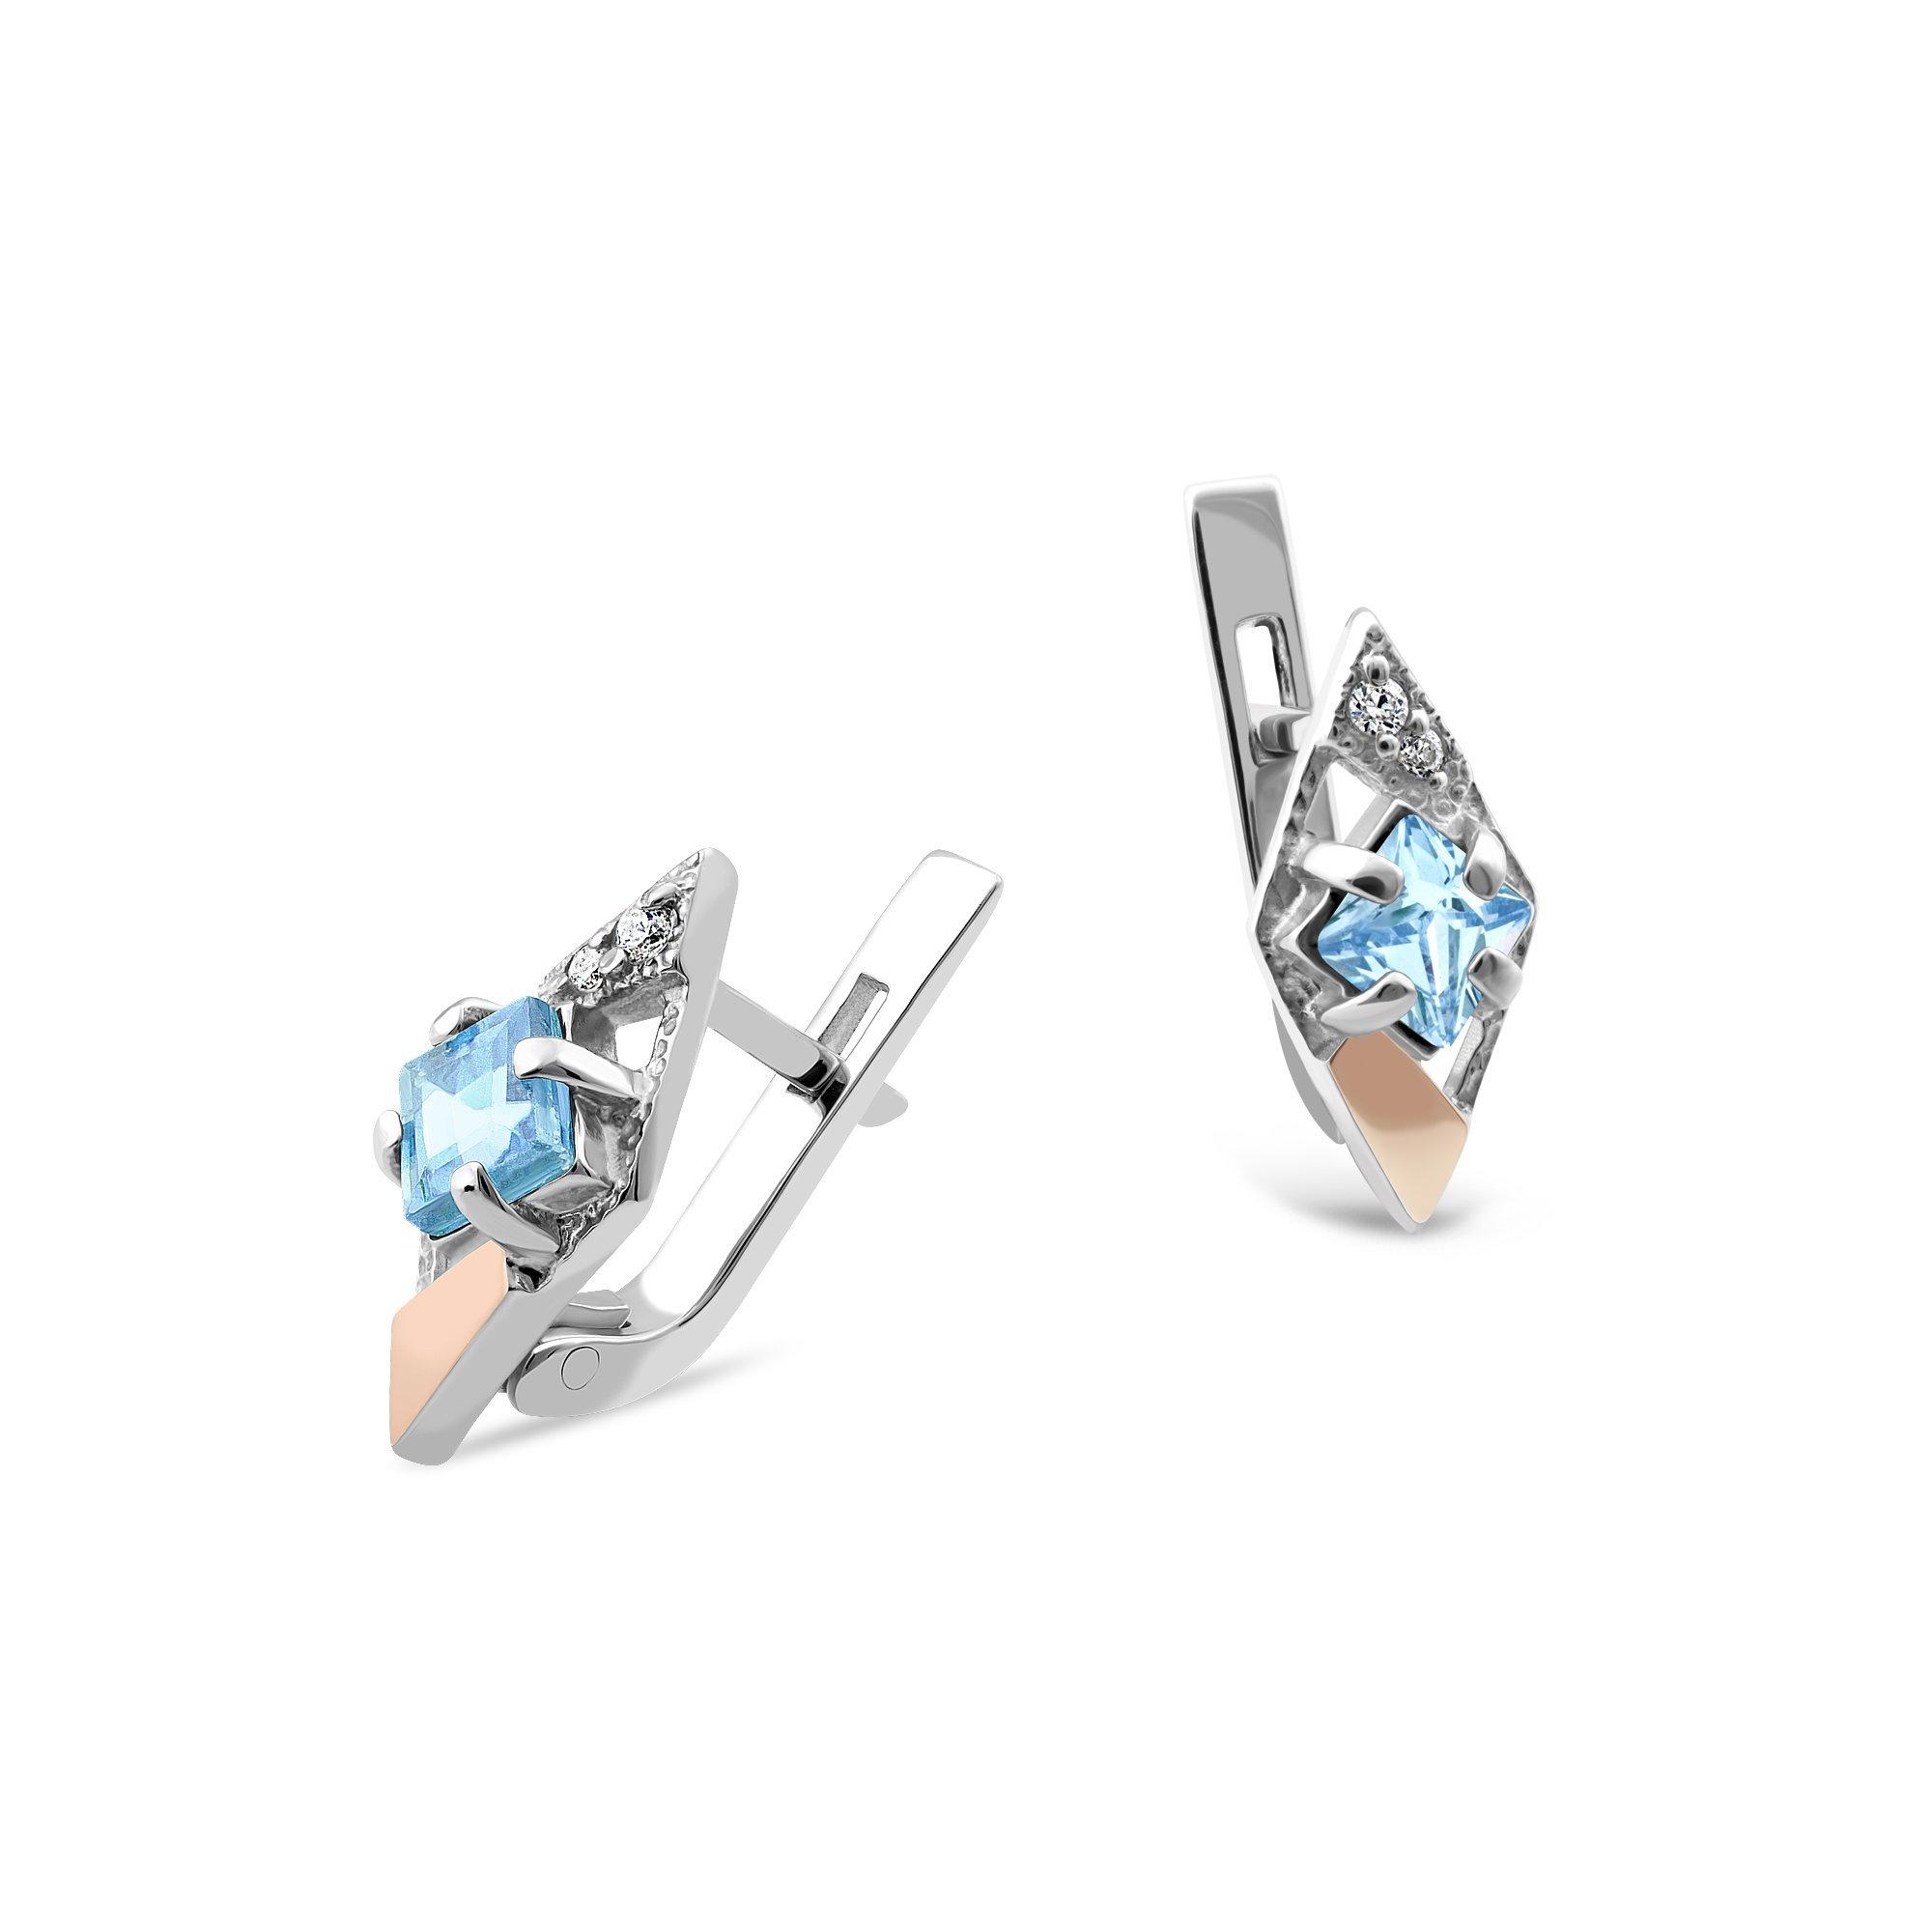 Серебряные серьги Одри с золотыми накладками, голубыми топазами и белыми фианитами